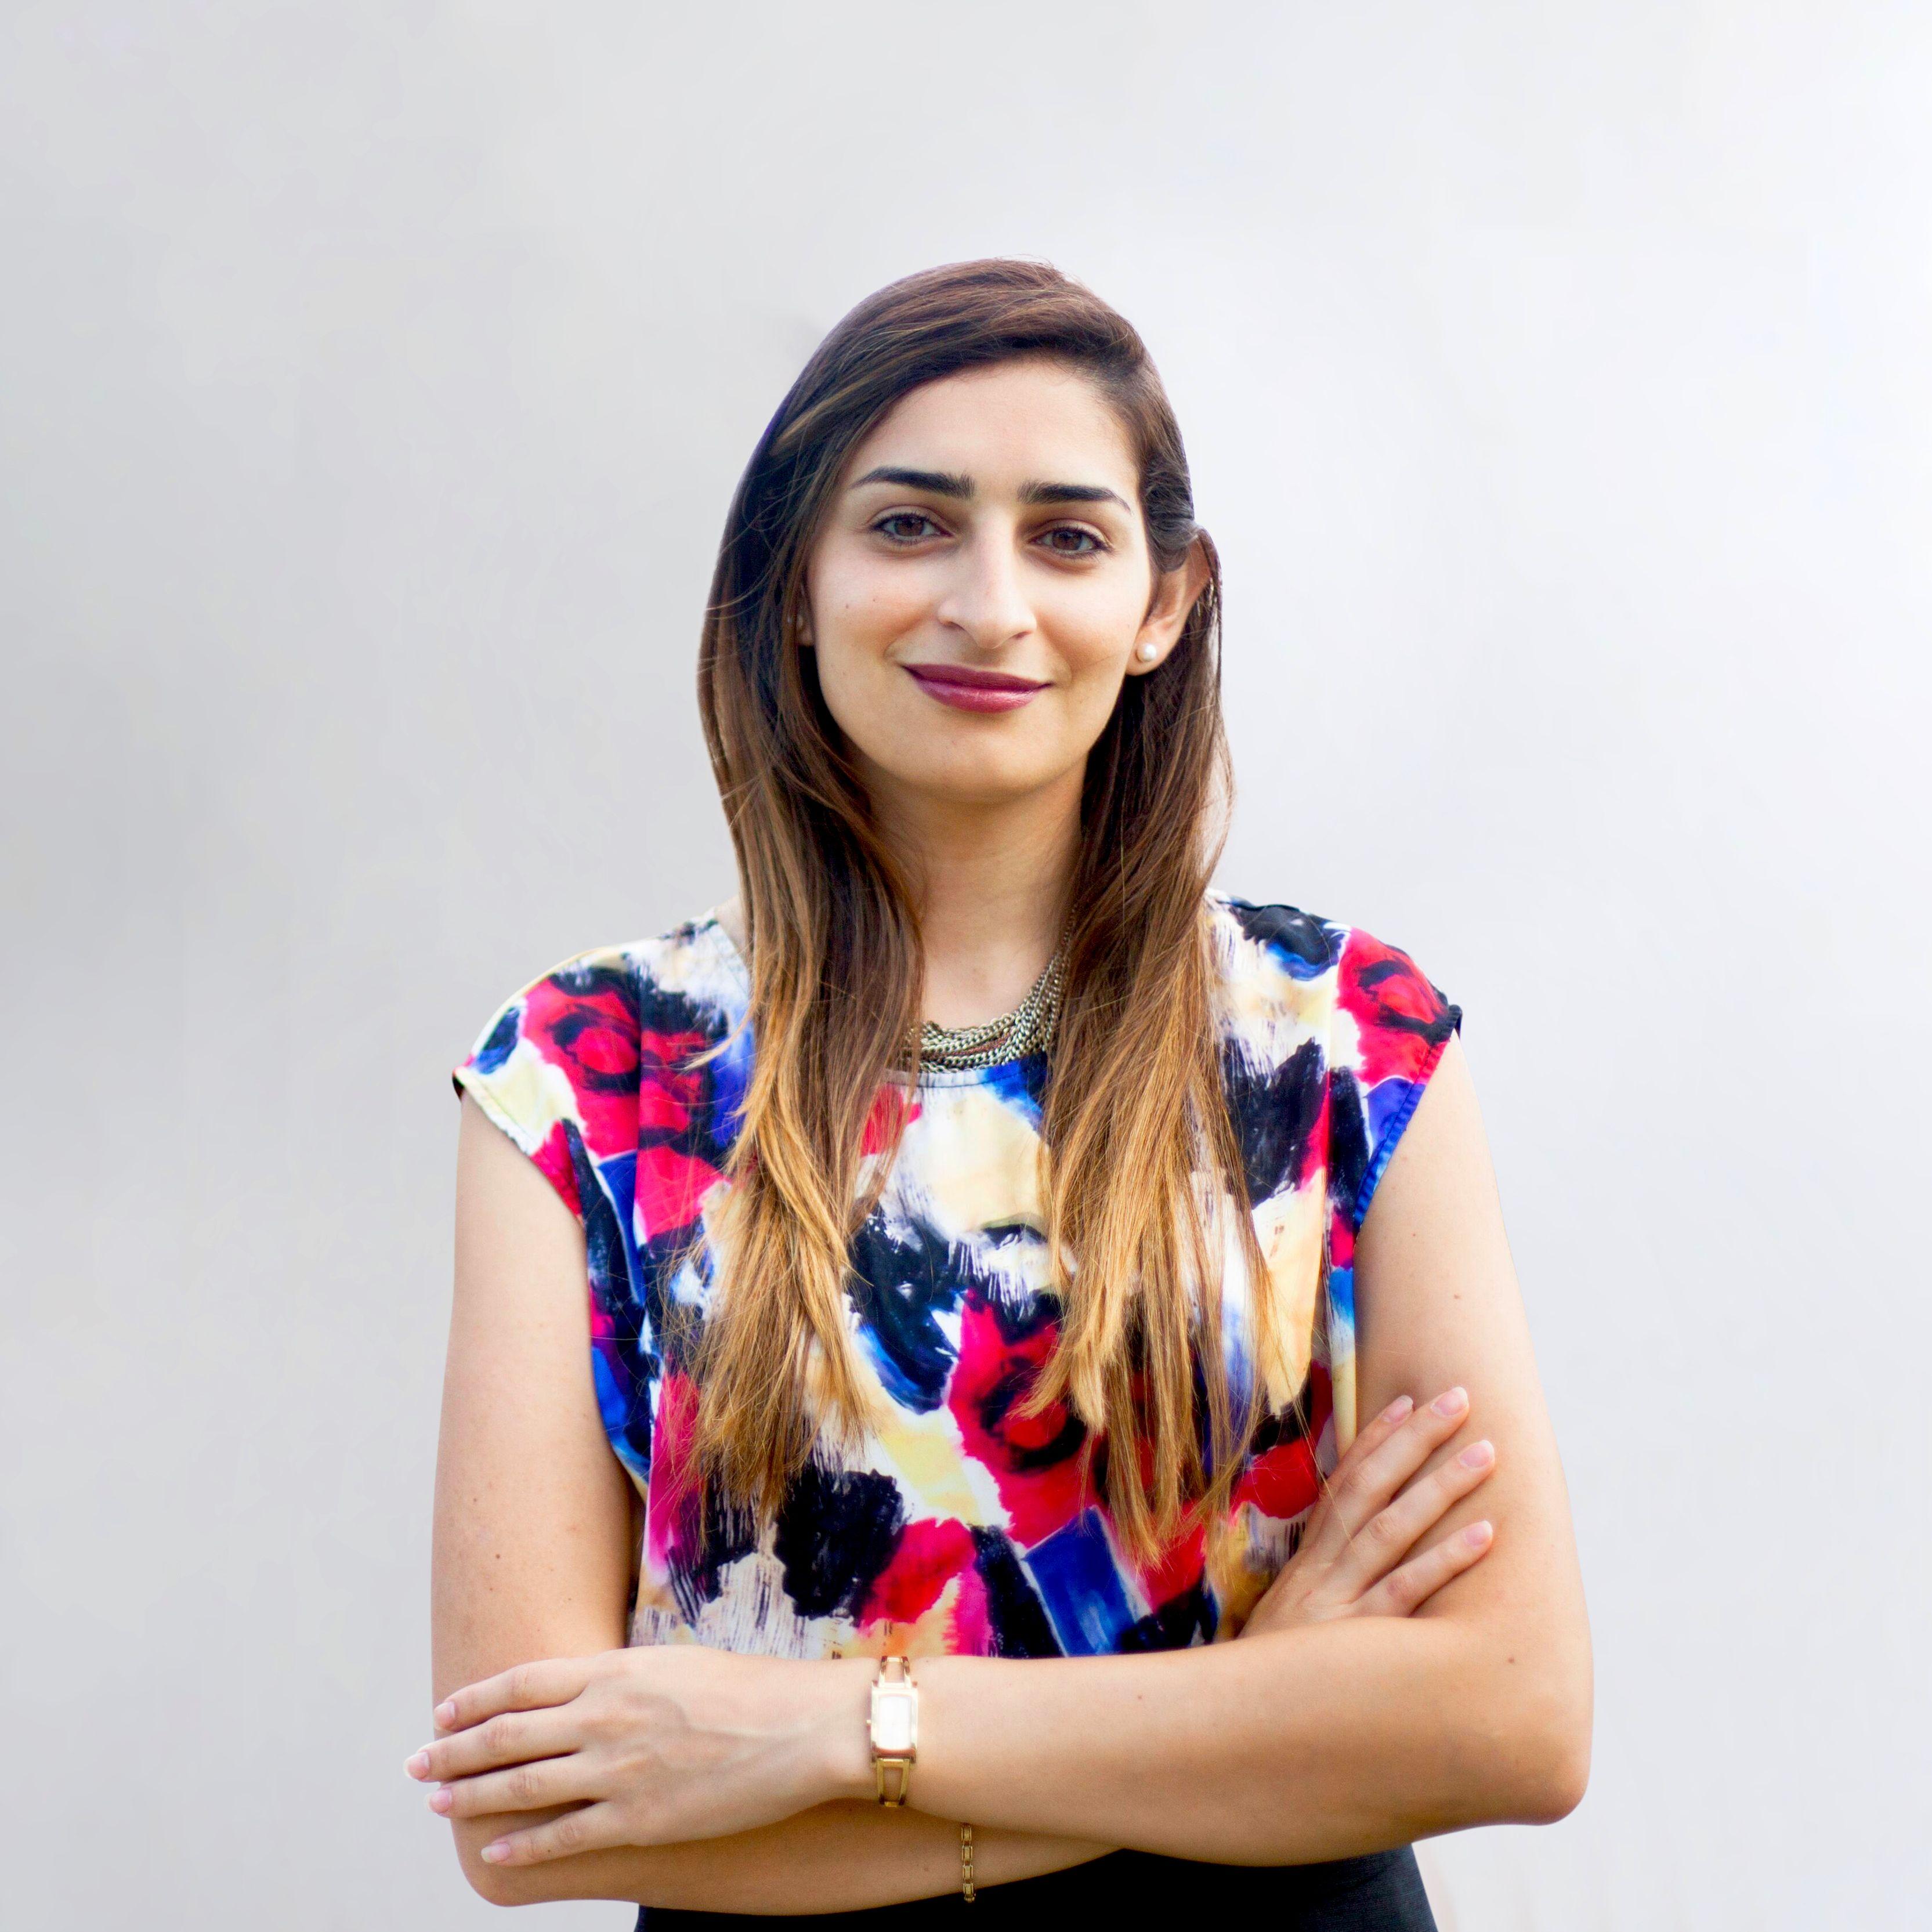 Tala Al Jabri